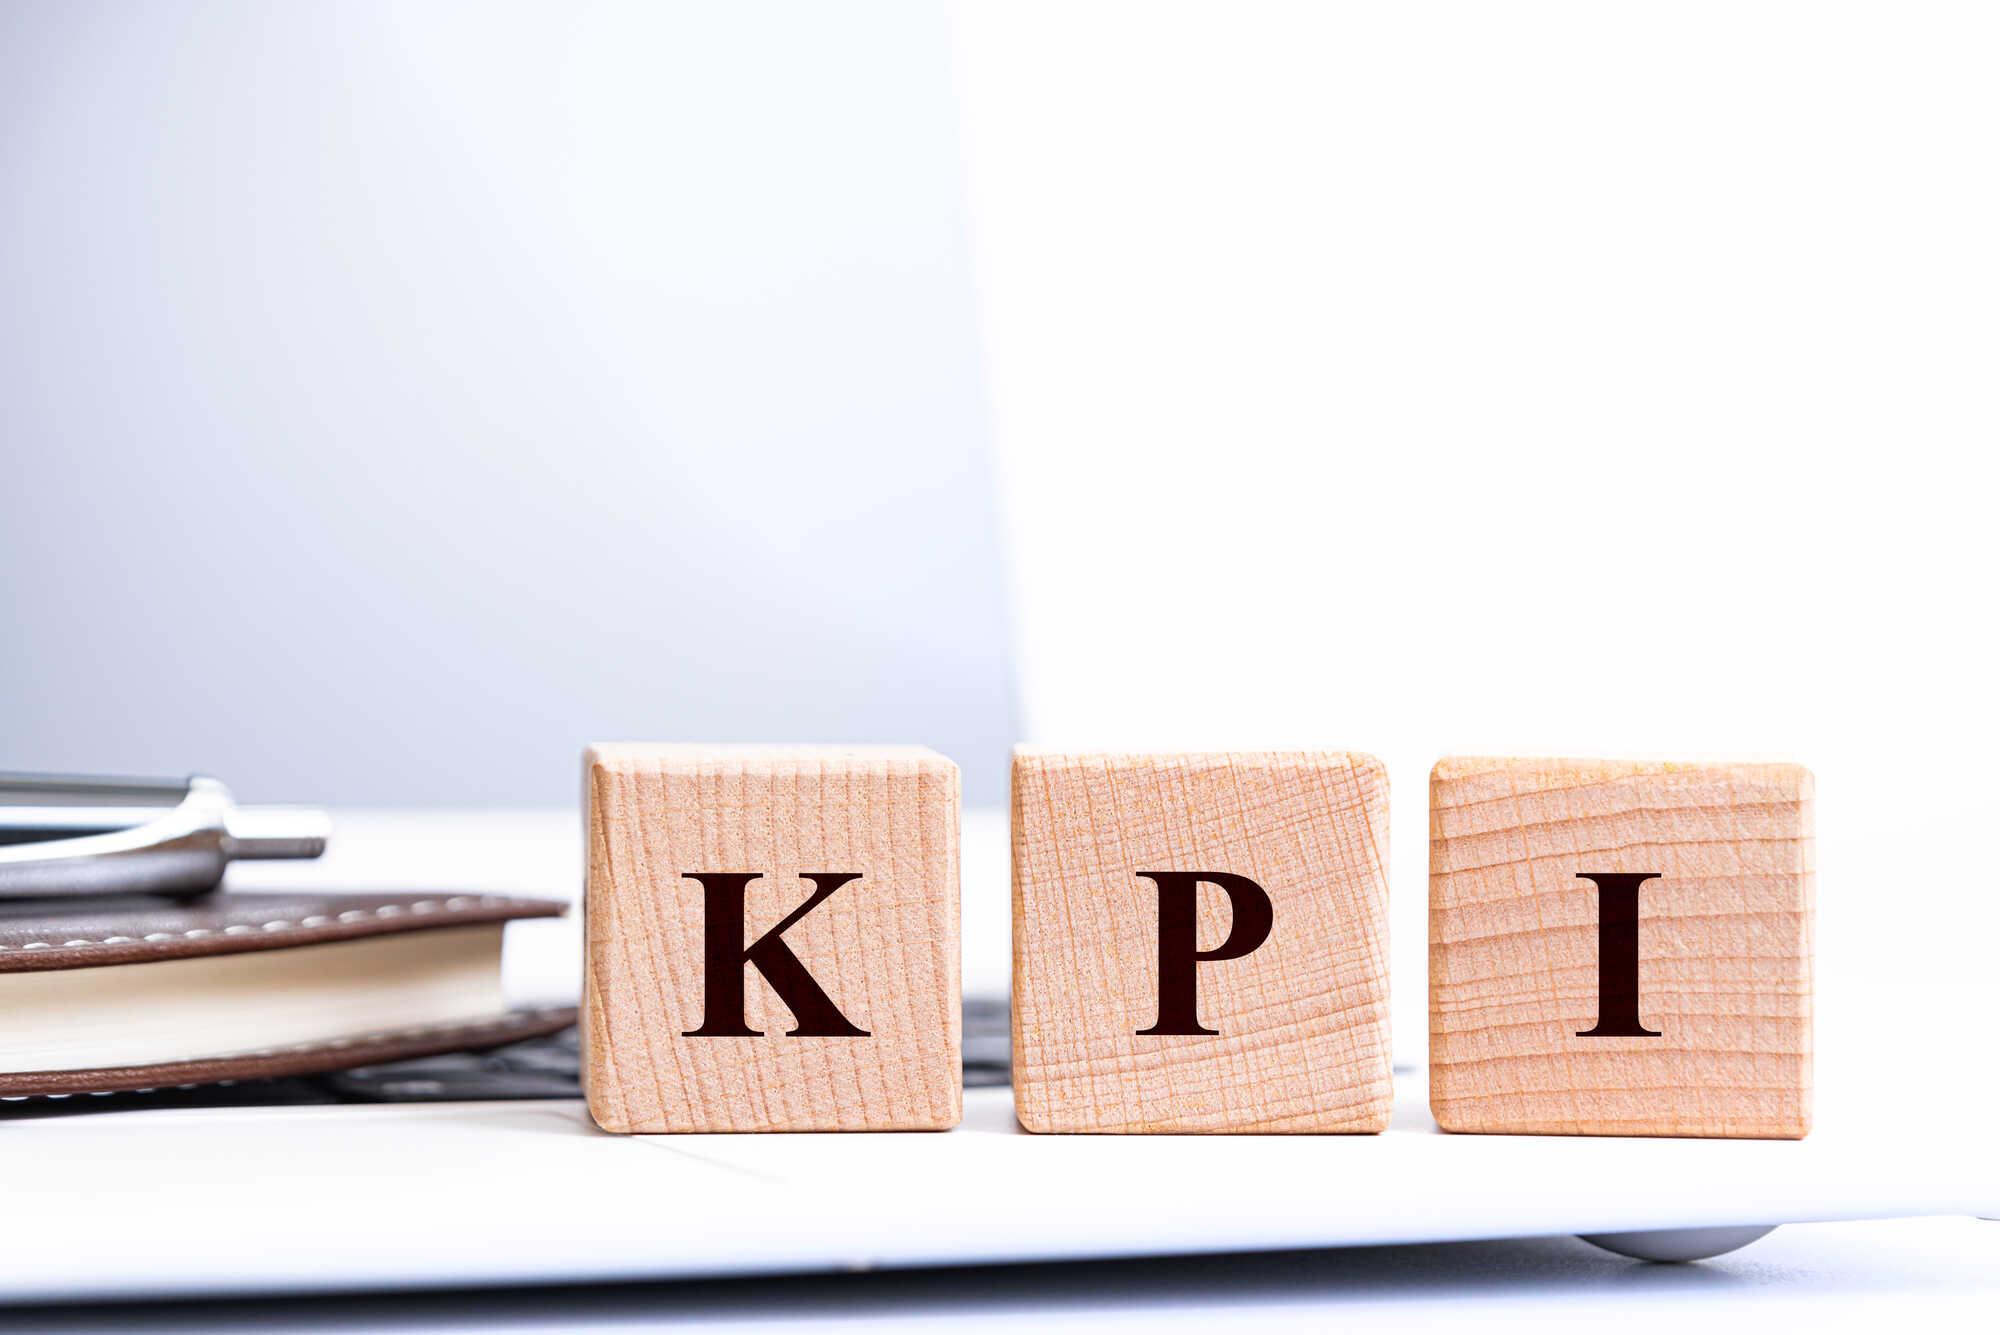 採用活動における基本的なKPI